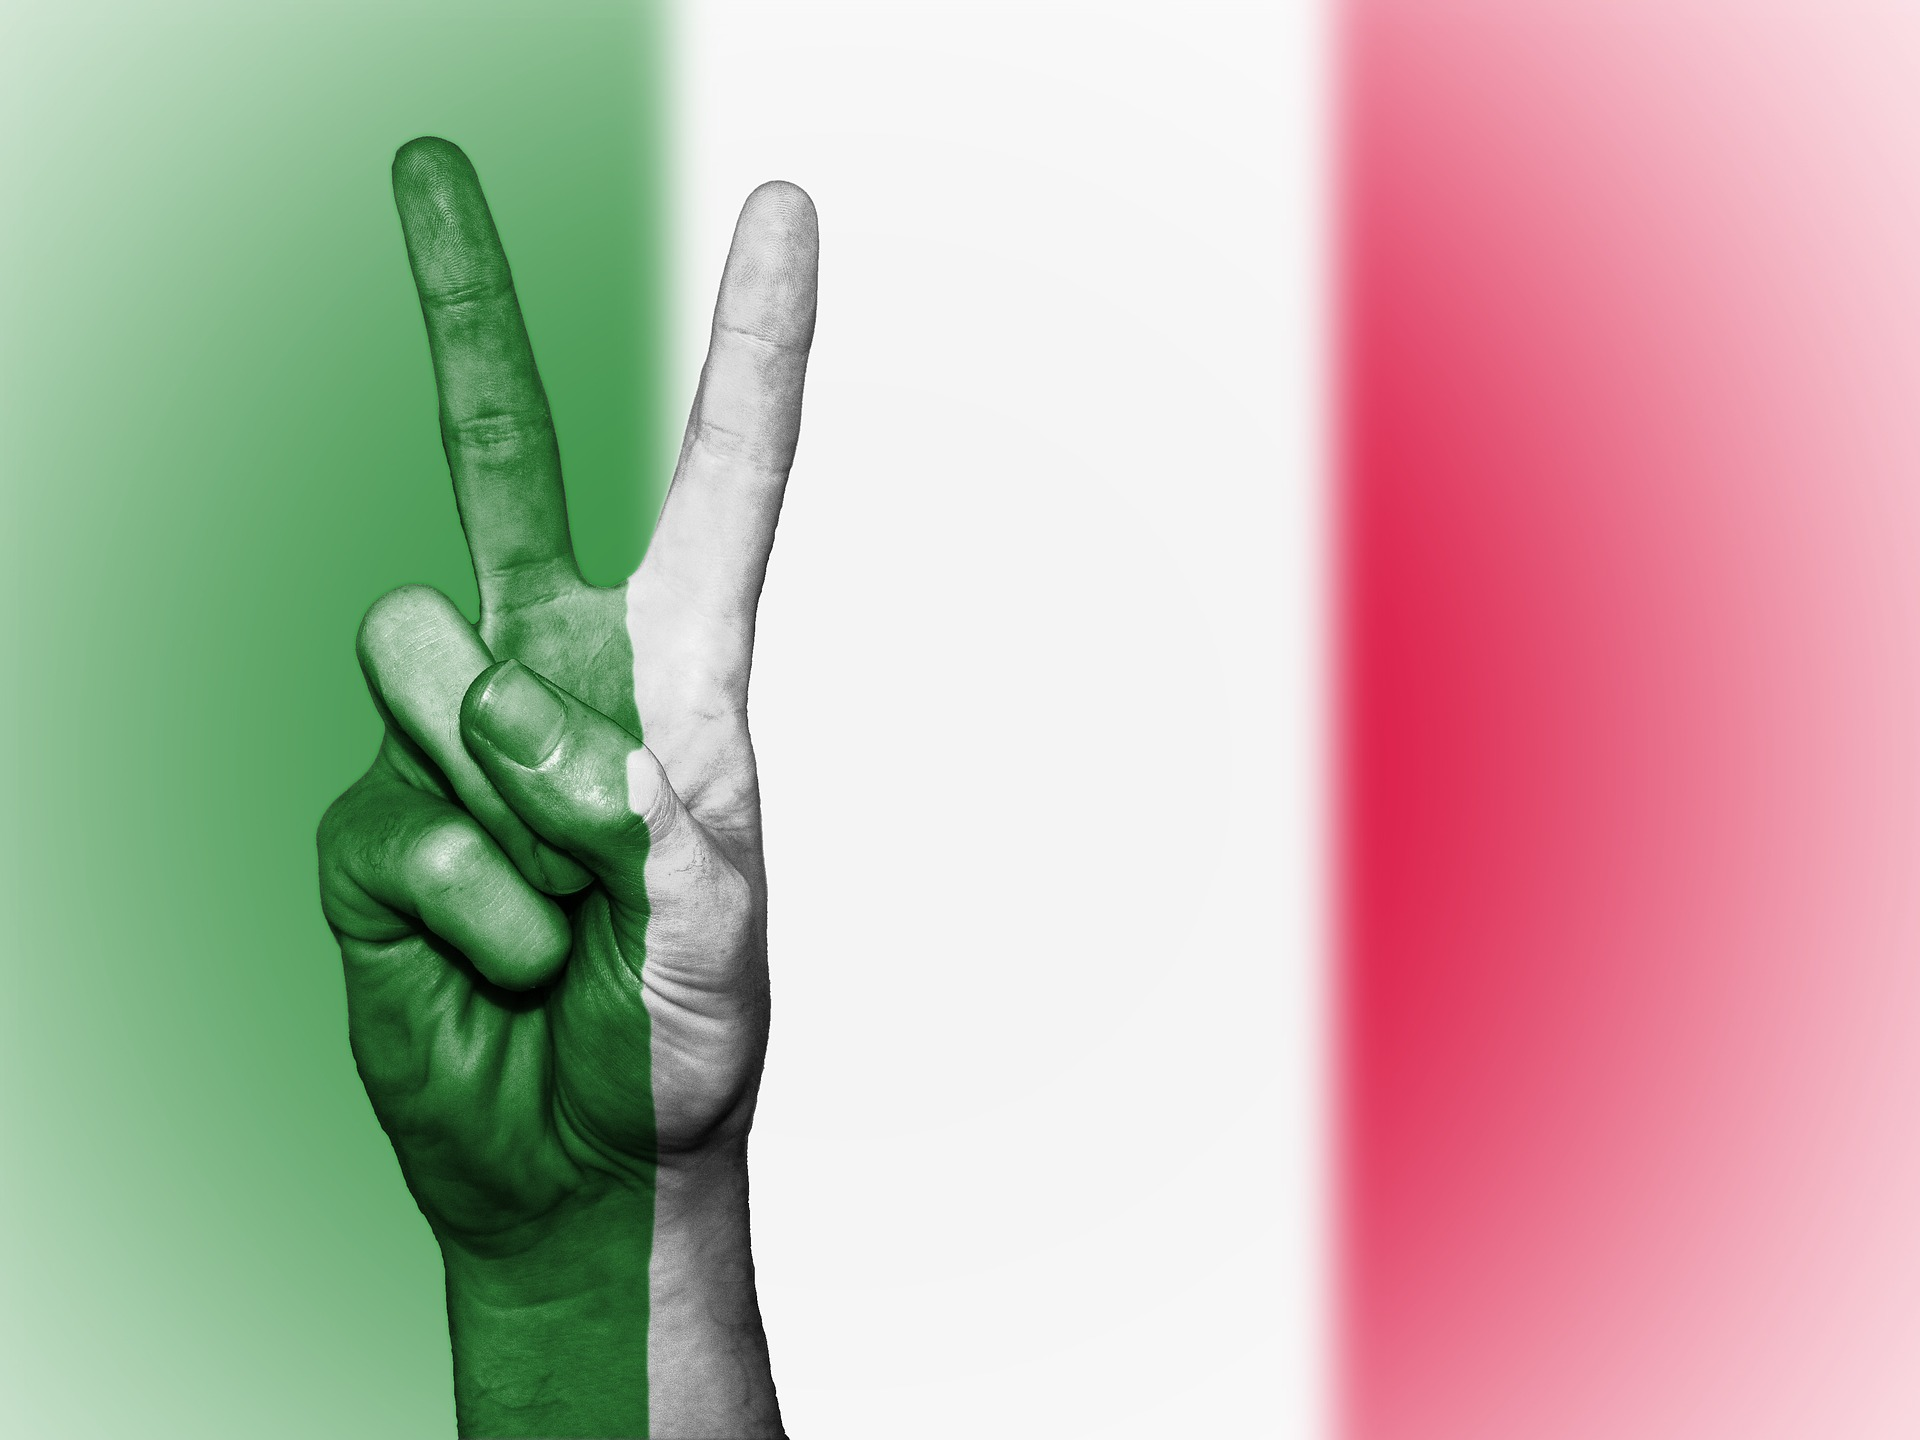 Agencia de traducción de italiano